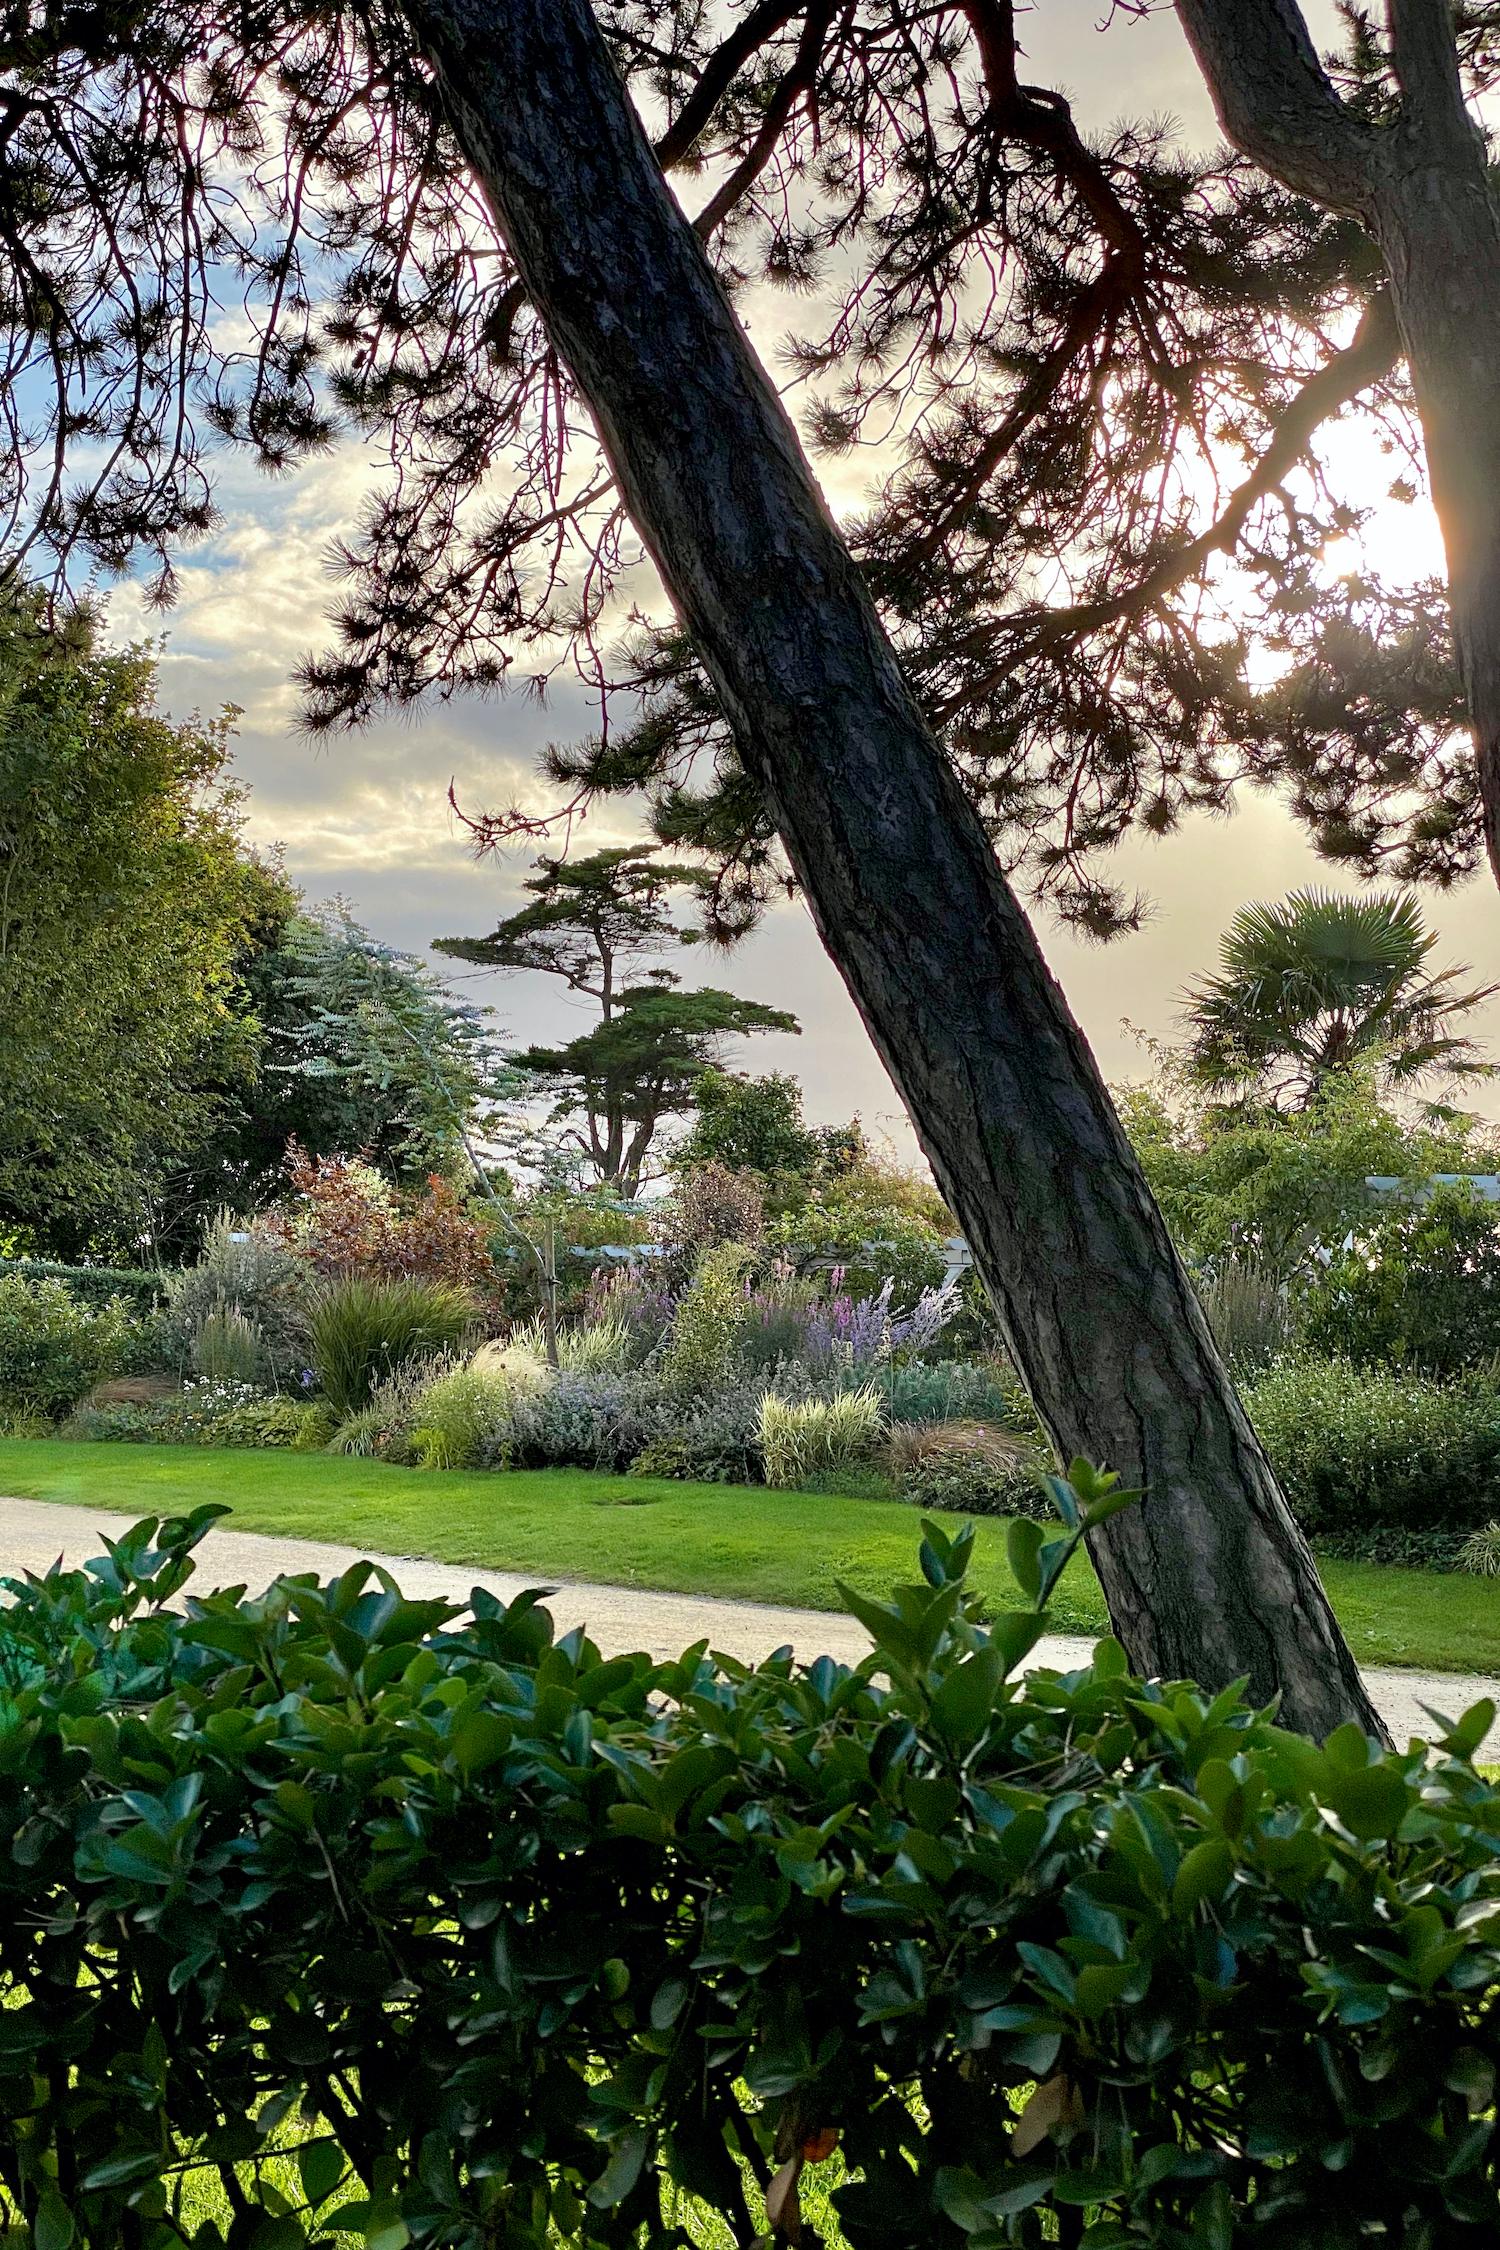 Musée Christian Dior garden